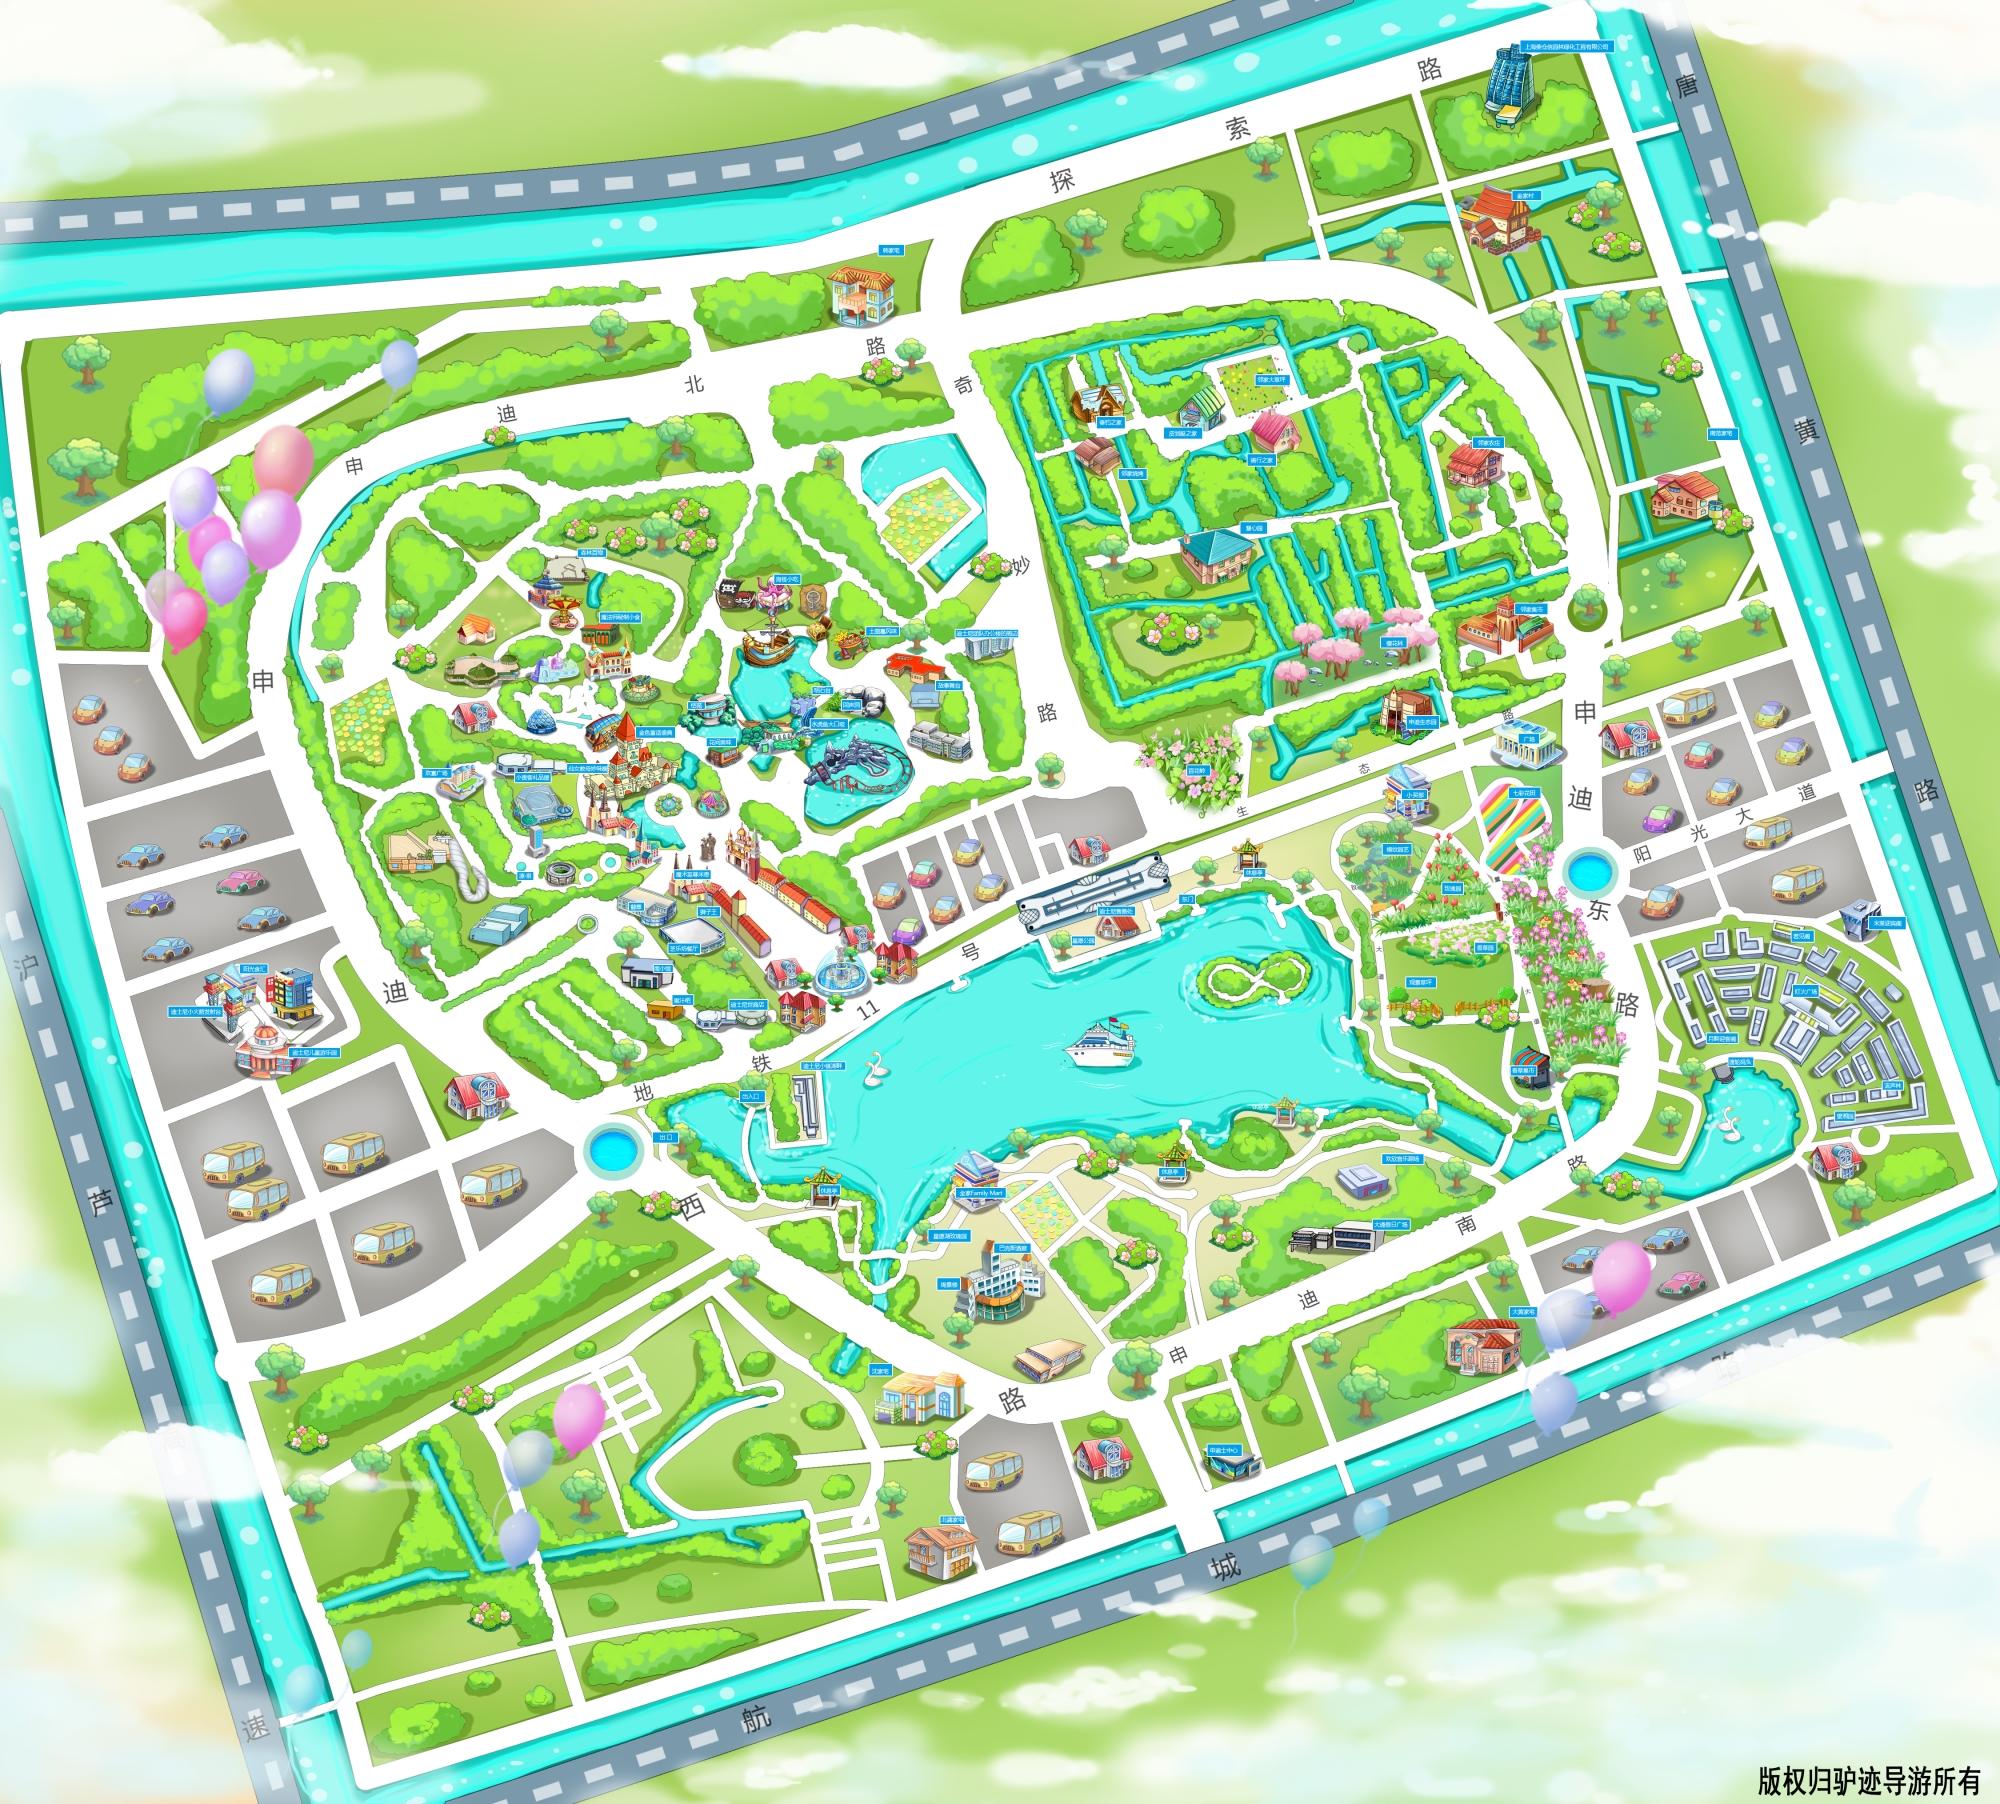 上海迪士尼乐园手机导游【全景地图,园内导航,线路推荐,自动讲解】